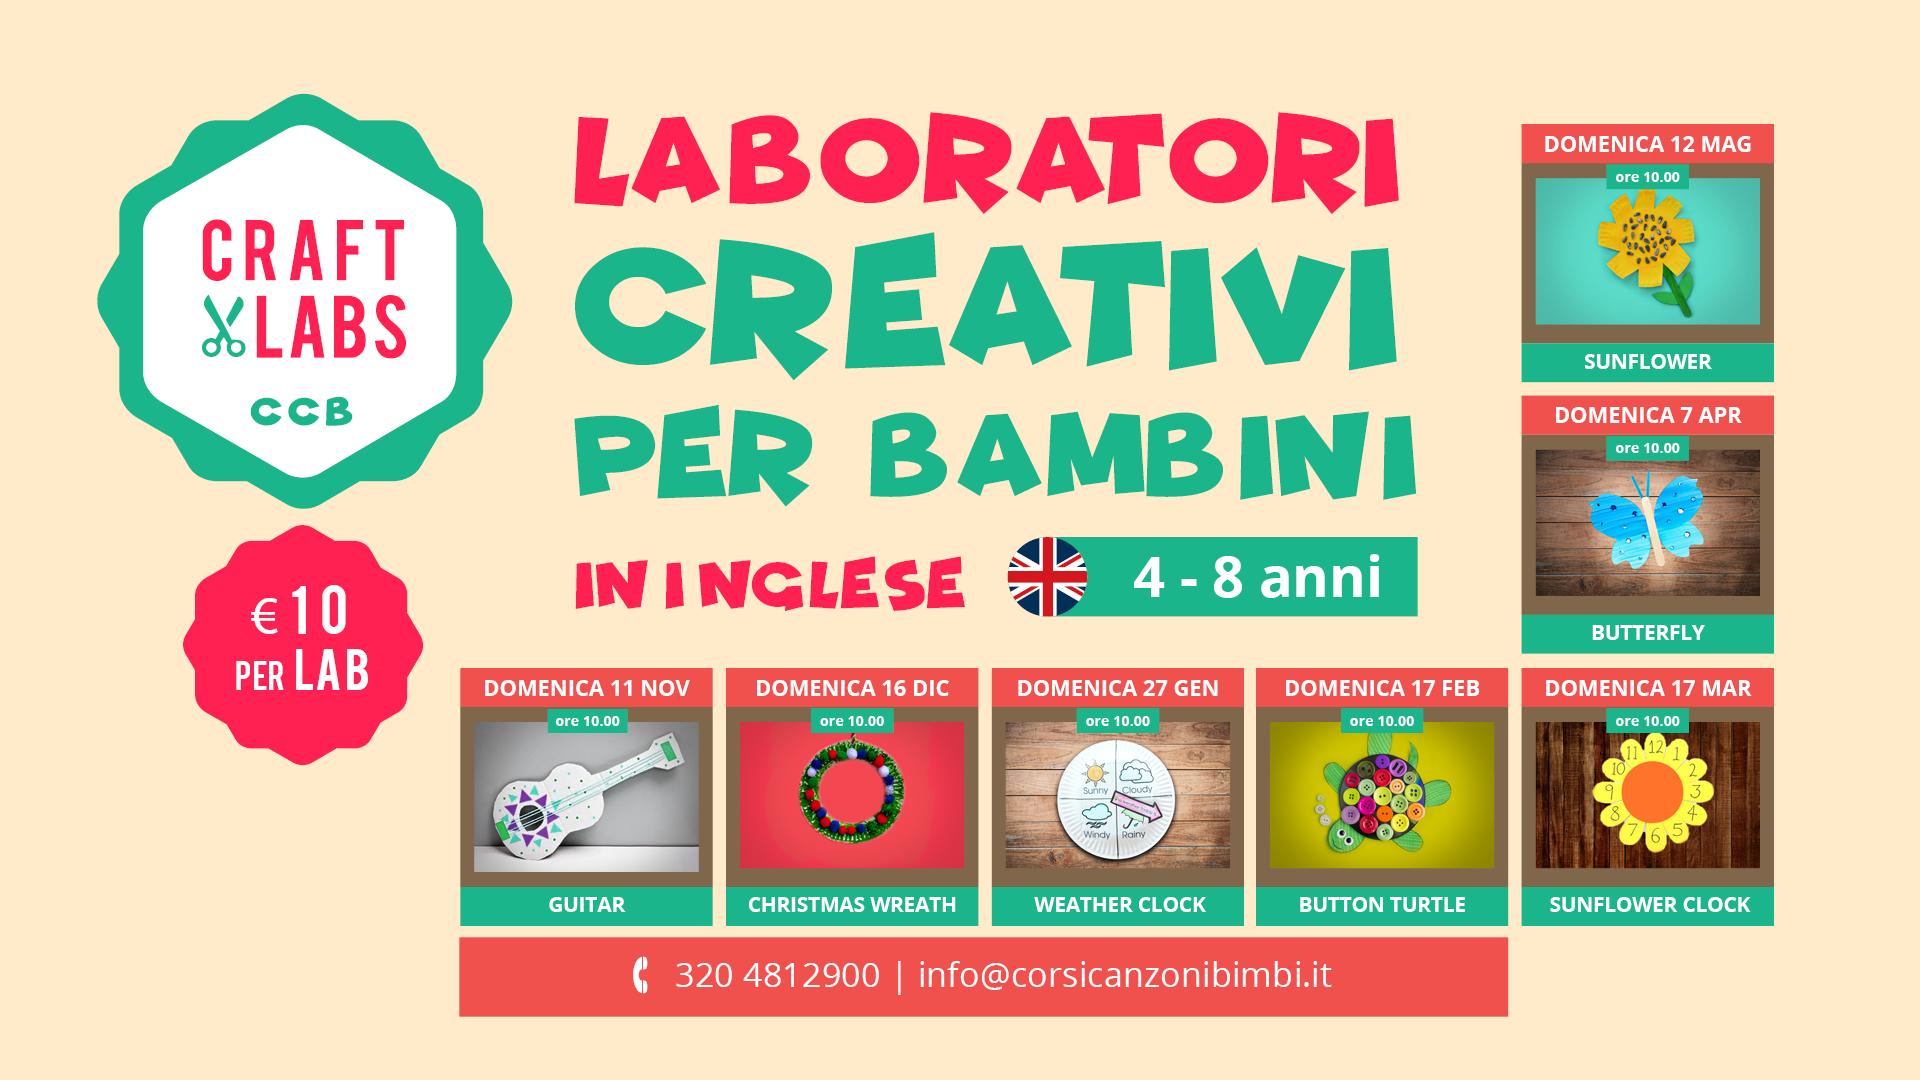 Laboratori Creativi per Bambini in Inglese tra Padova e Vicenza 1 - Laboratori Creativi per Bambini in Inglese tra Padova e Vicenza